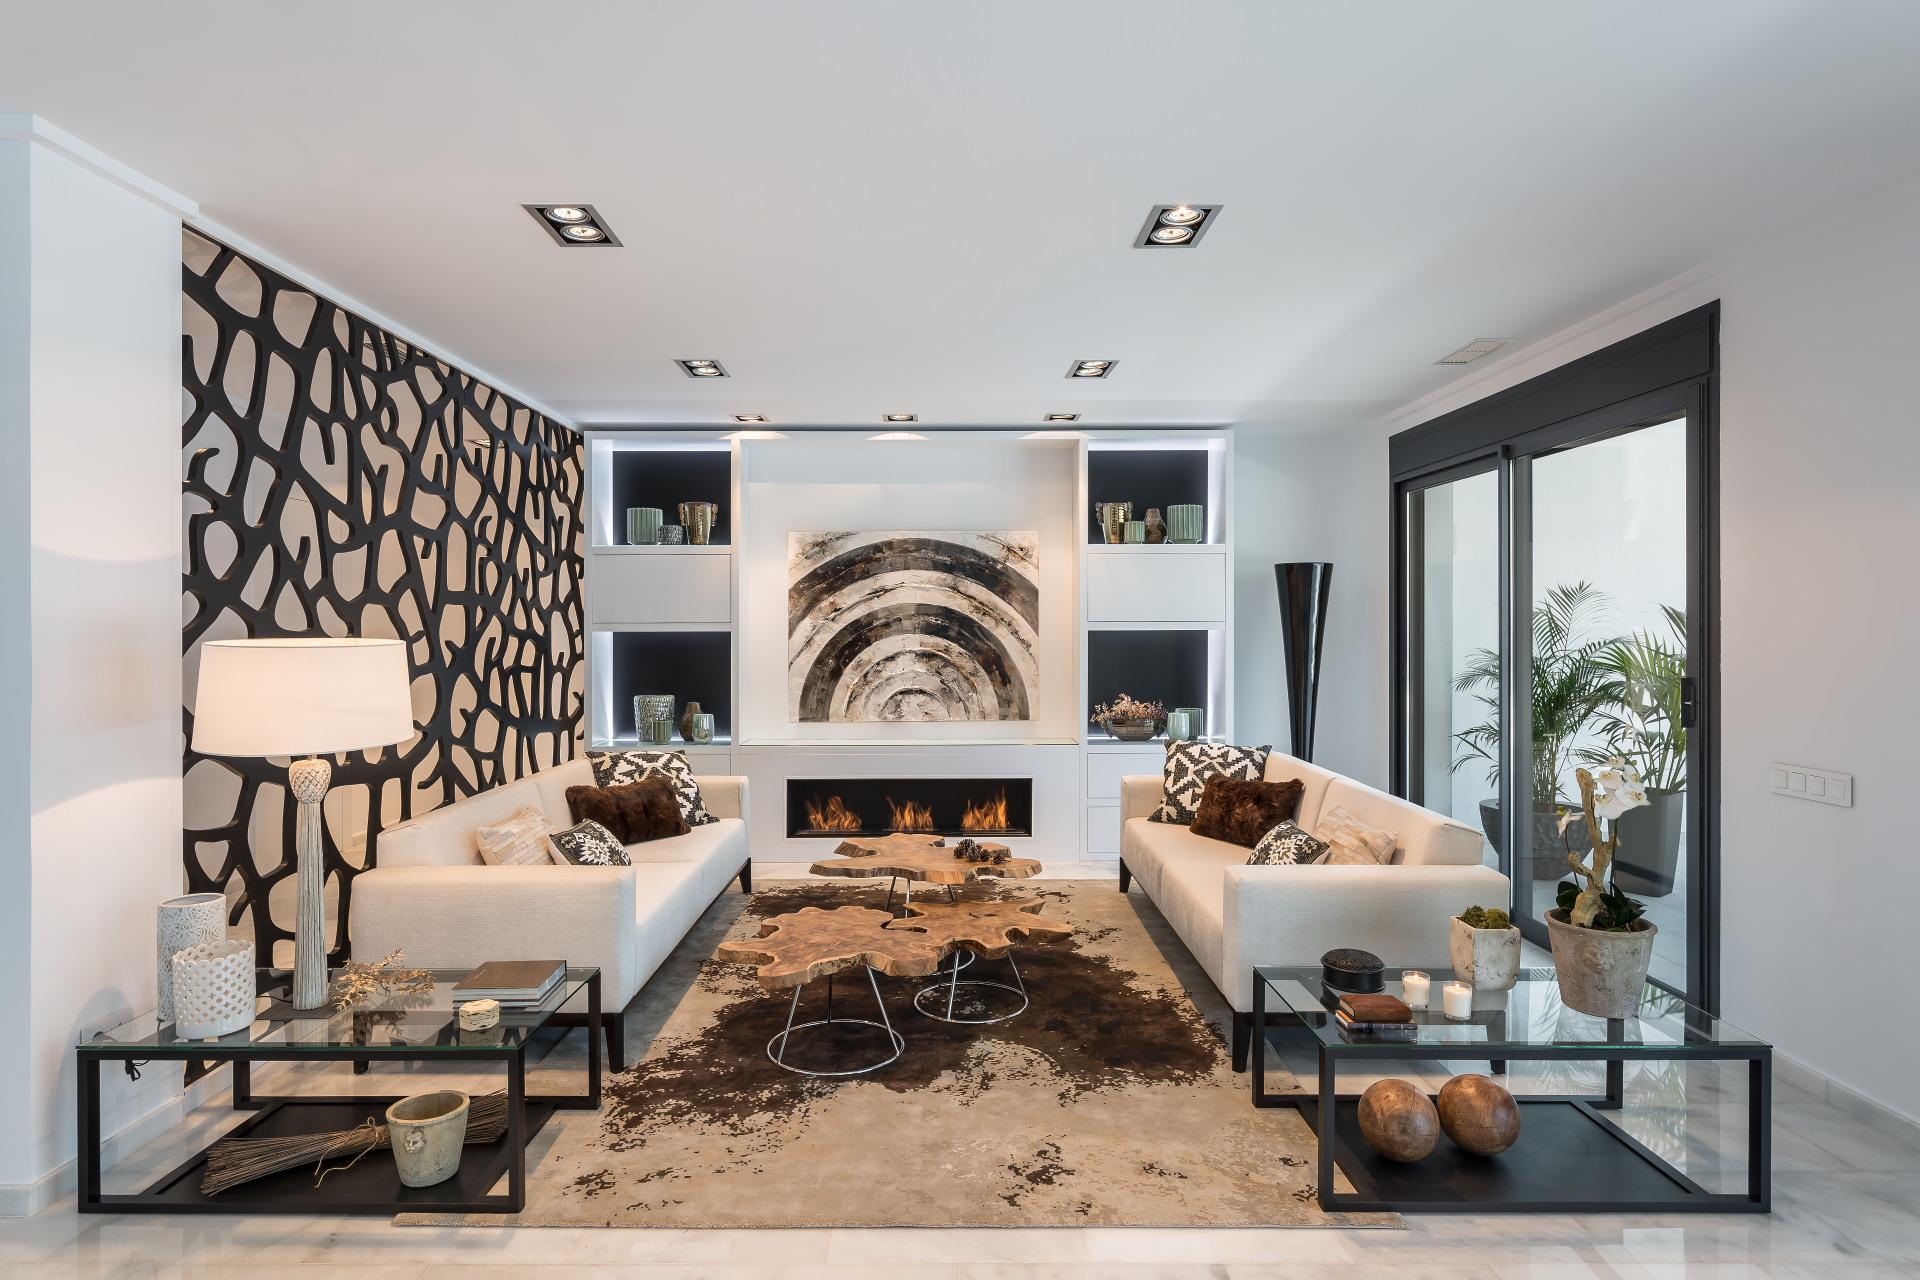 fotografia-arquitectura-interiorismo-valencia-alicante-moraira-german-cabo-laura-yerpes (11)